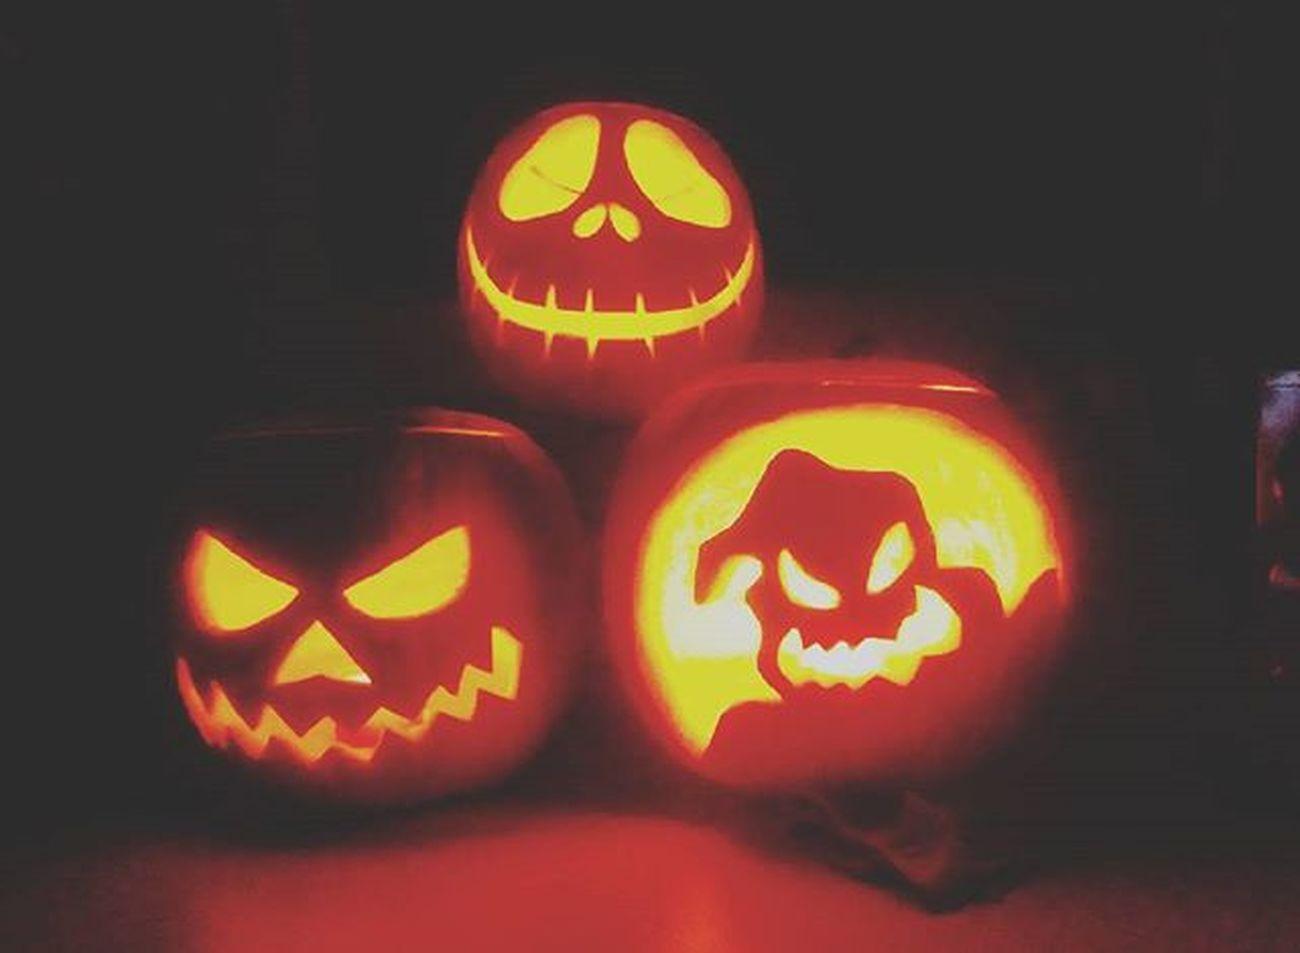 Halloween Halloween2015 Zucca Zucche Intagliate Dolcettooscherzetto Baobao  Nightmarebeforechristmas TheNightmareBeforeChristmas